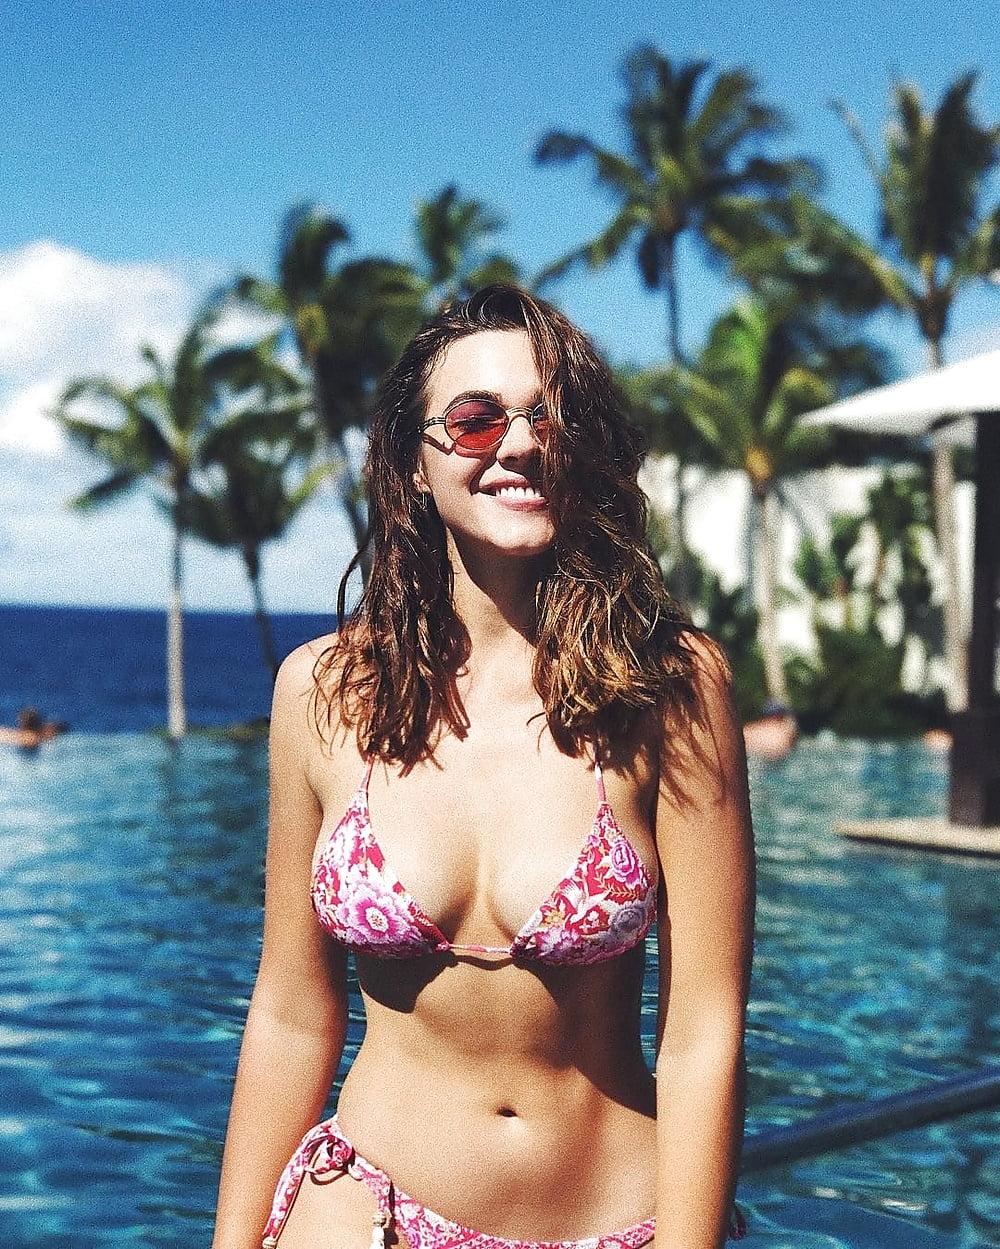 Emo sex girl naked photos 537